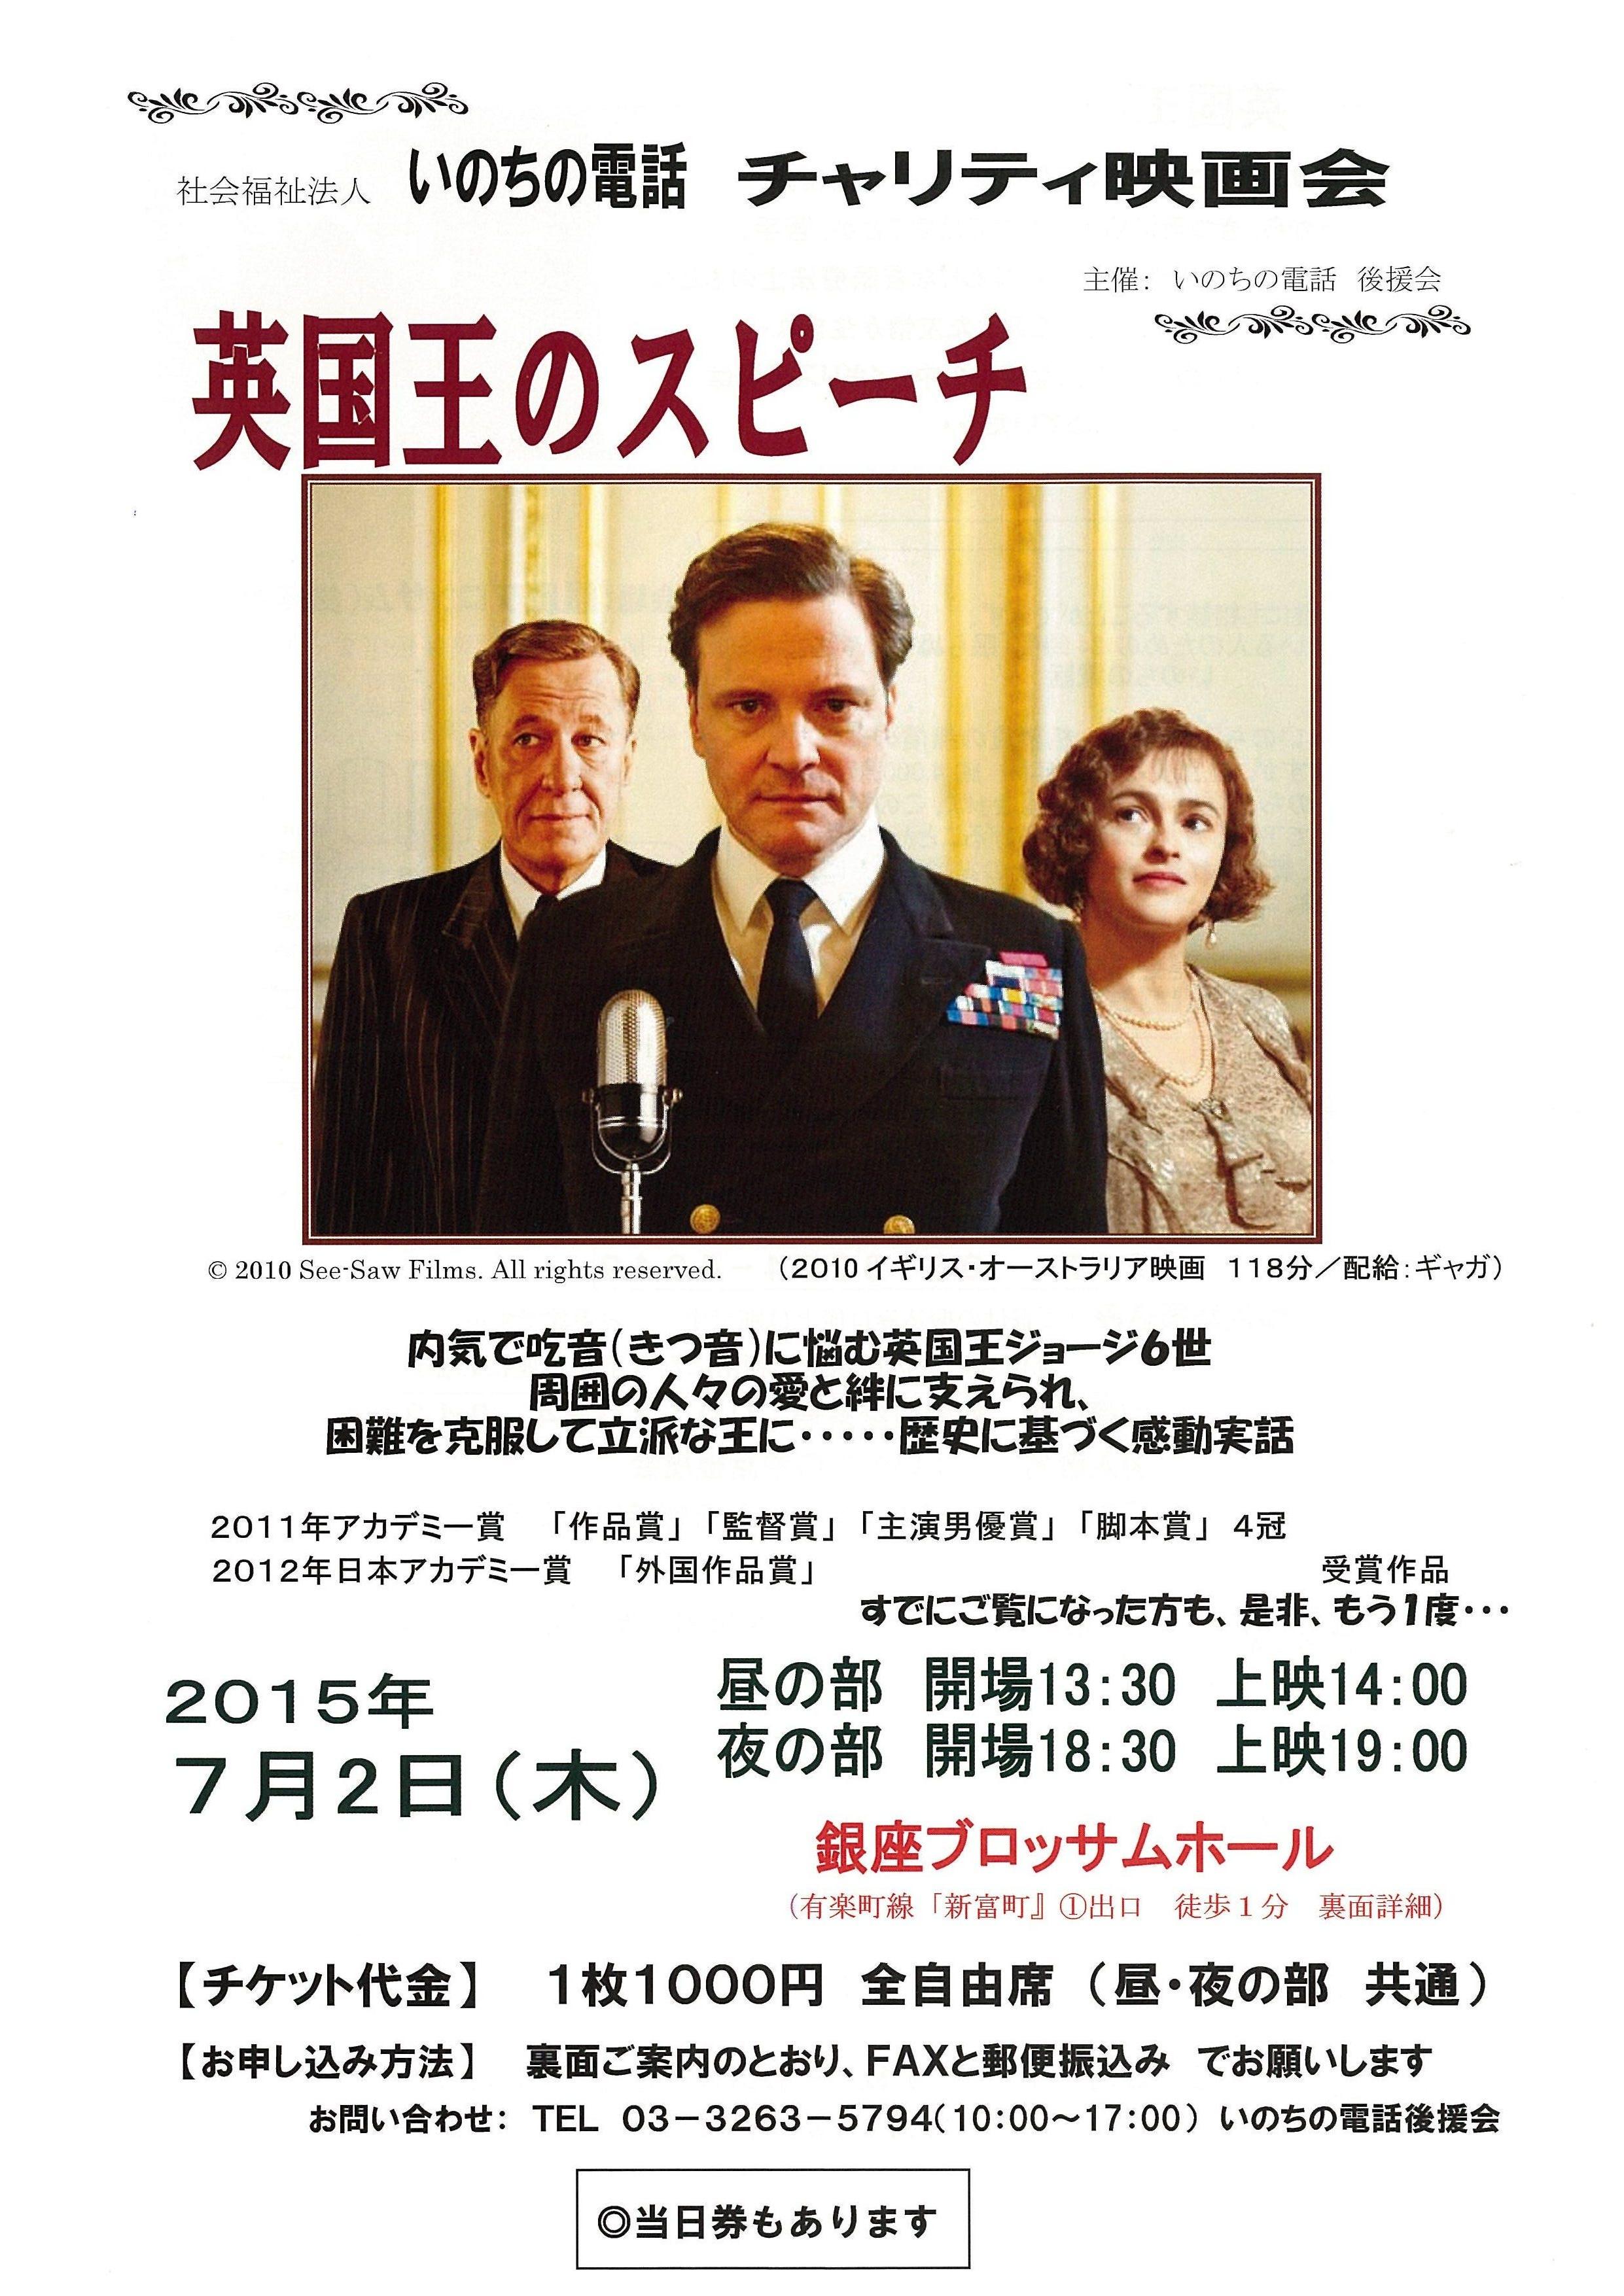 いのちの電話 チャリティ映画会「英国王のスピーチ」